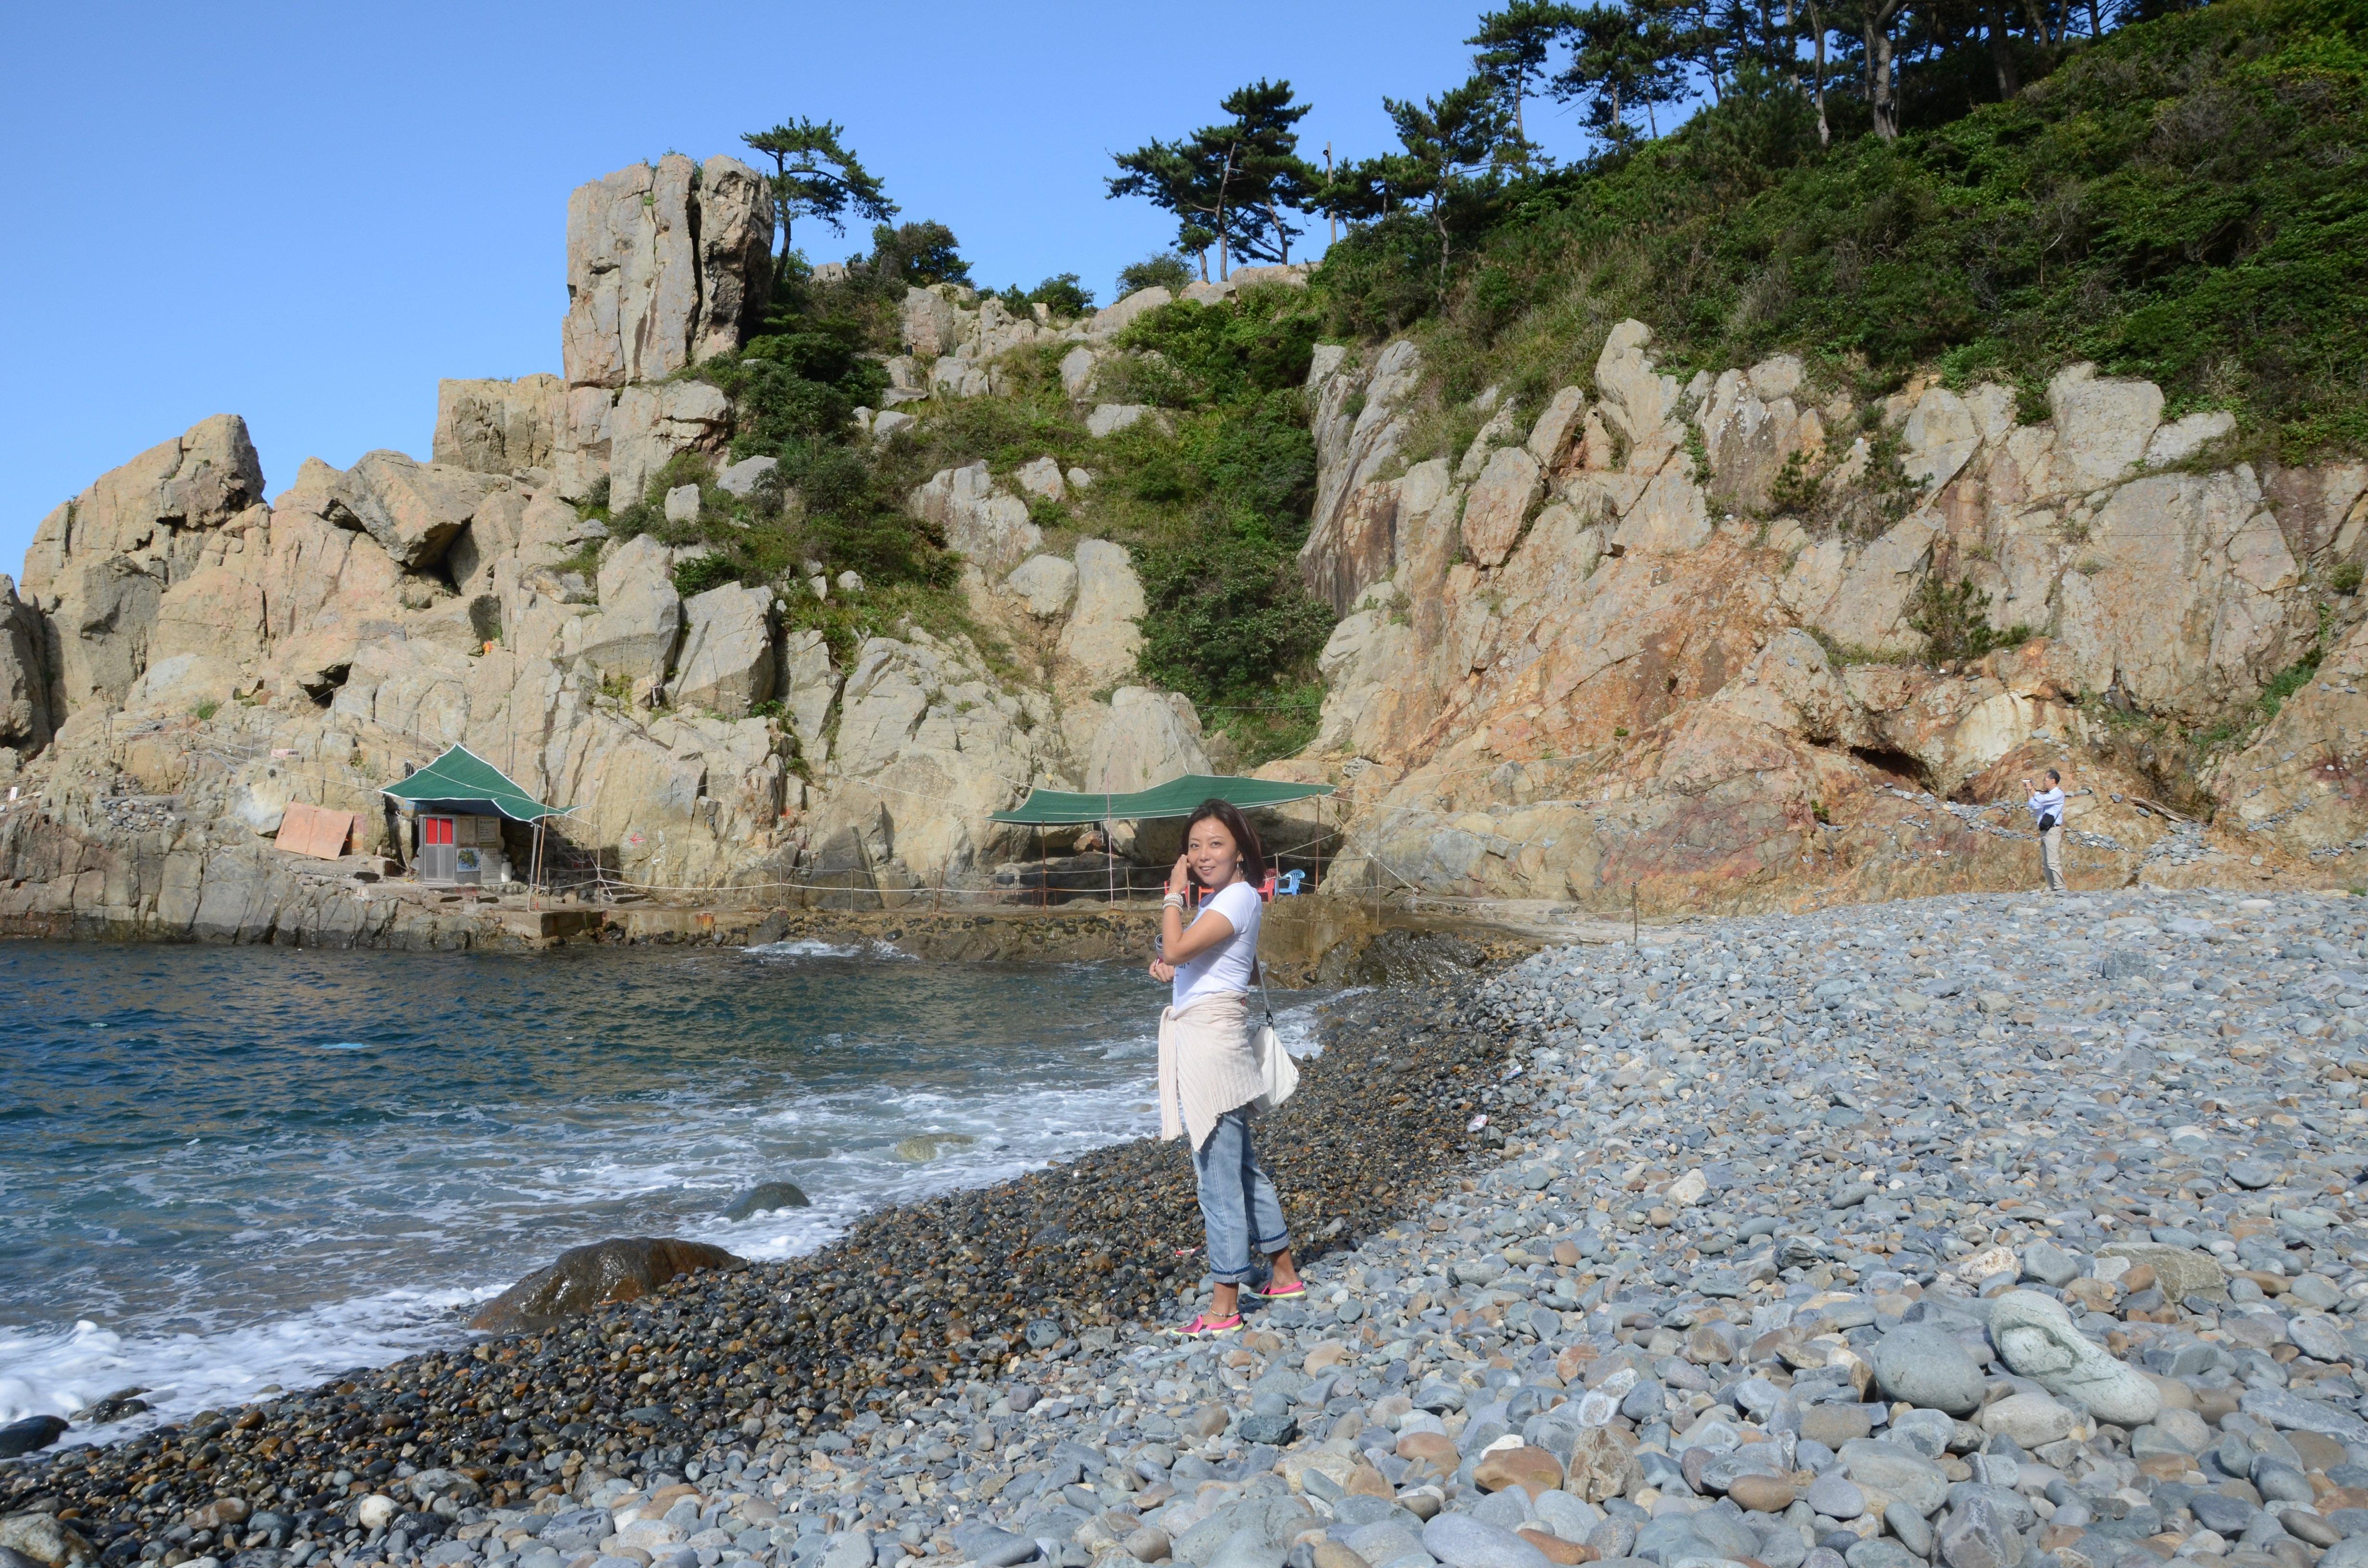 釜山 济州岛 2013 9-图片by尹玺茜-旅图-去哪儿网.